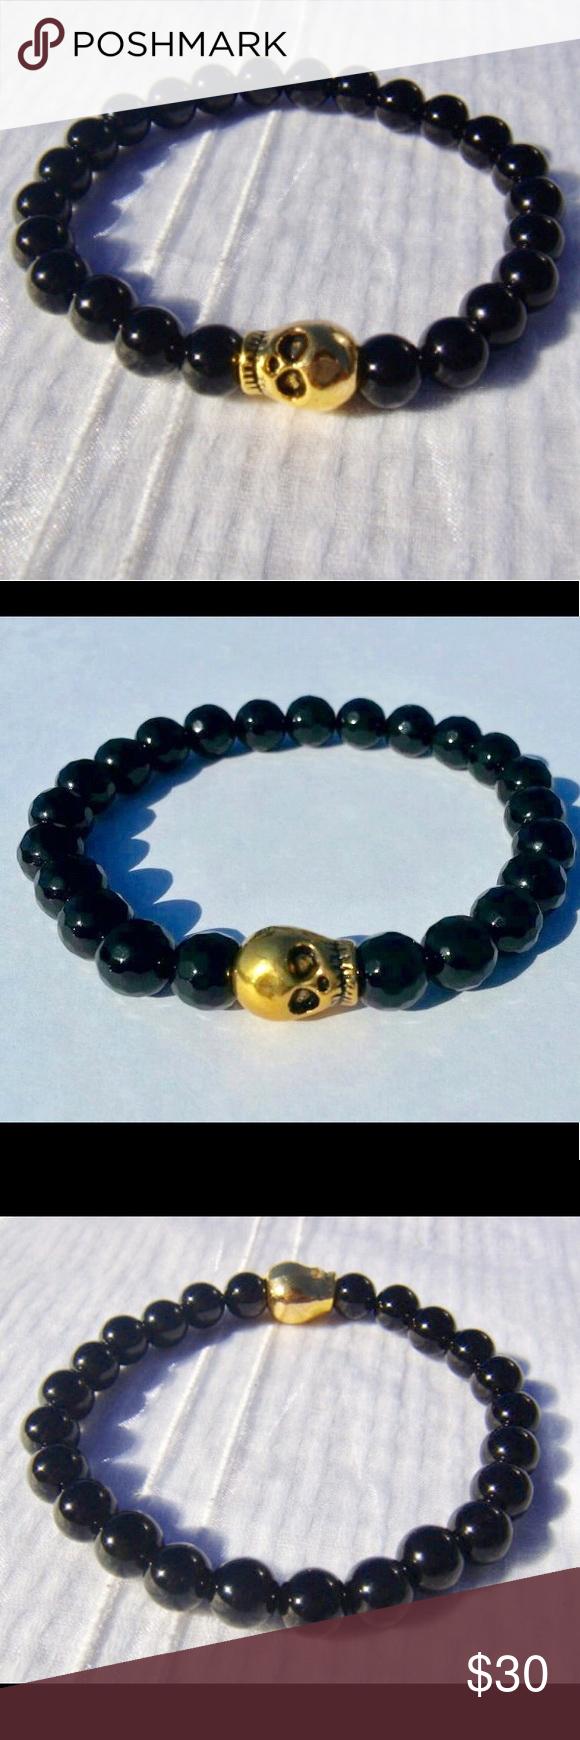 Handmade onyx bracelet w gold skull charm my posh picks